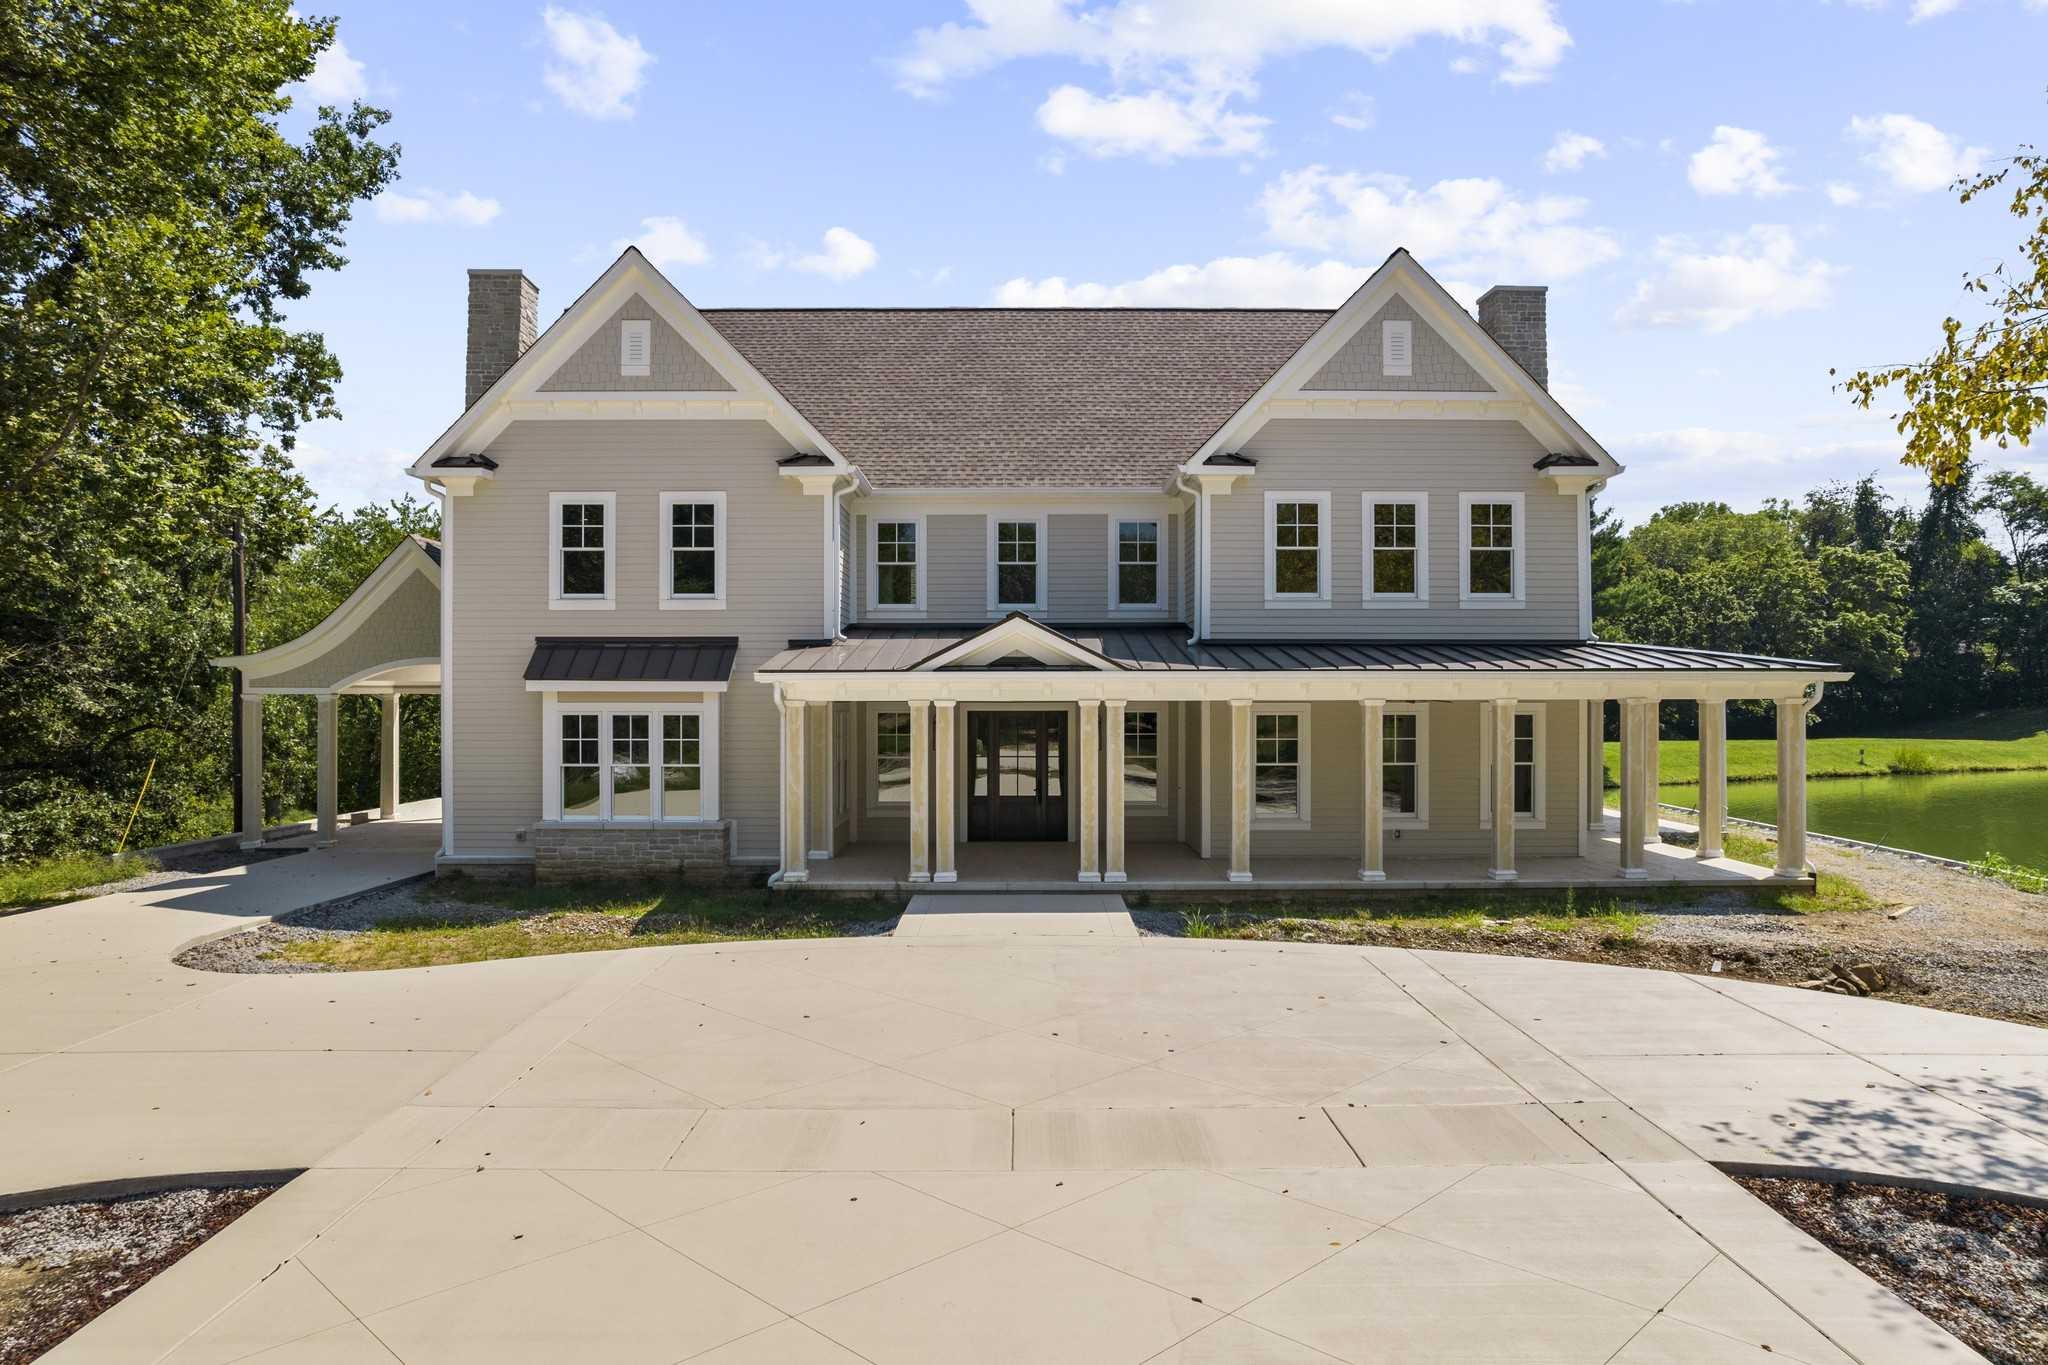 $7,829,000 - 5Br/7Ba -  for Sale in Ellington Park Sec 1, Franklin